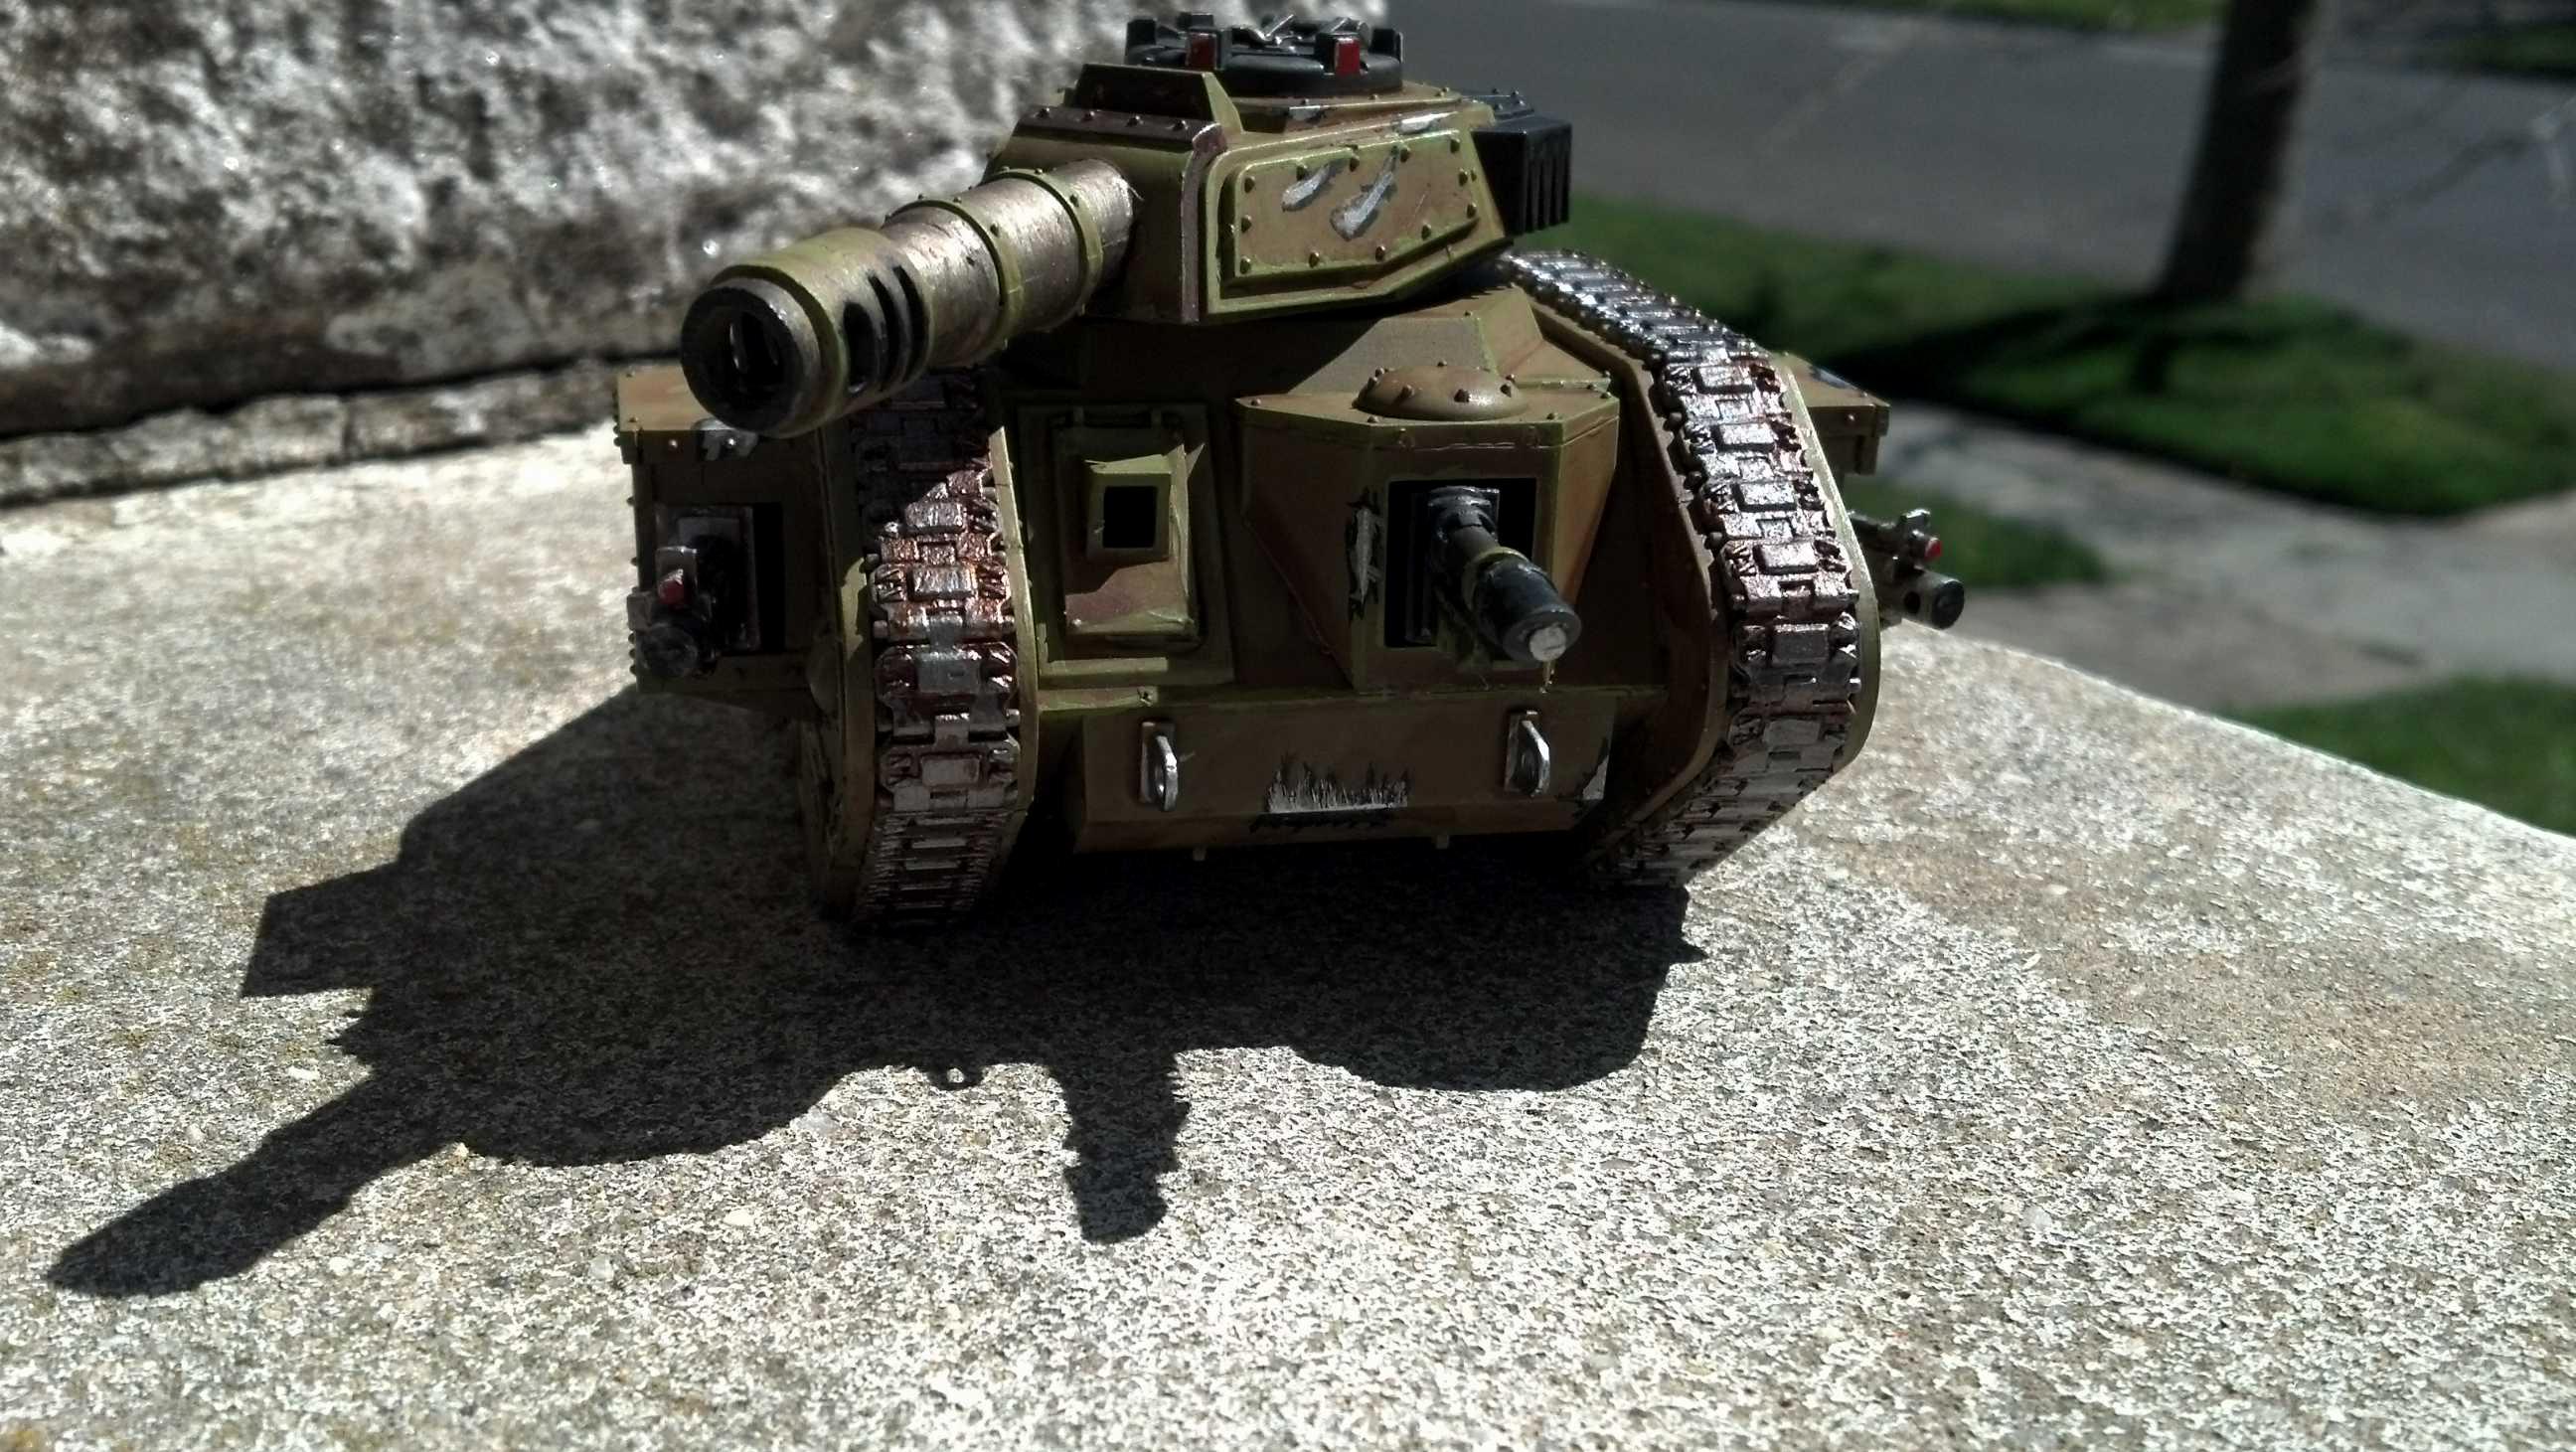 Catachan, Imperial Guard, Leman Russ, Warhammer 40,000